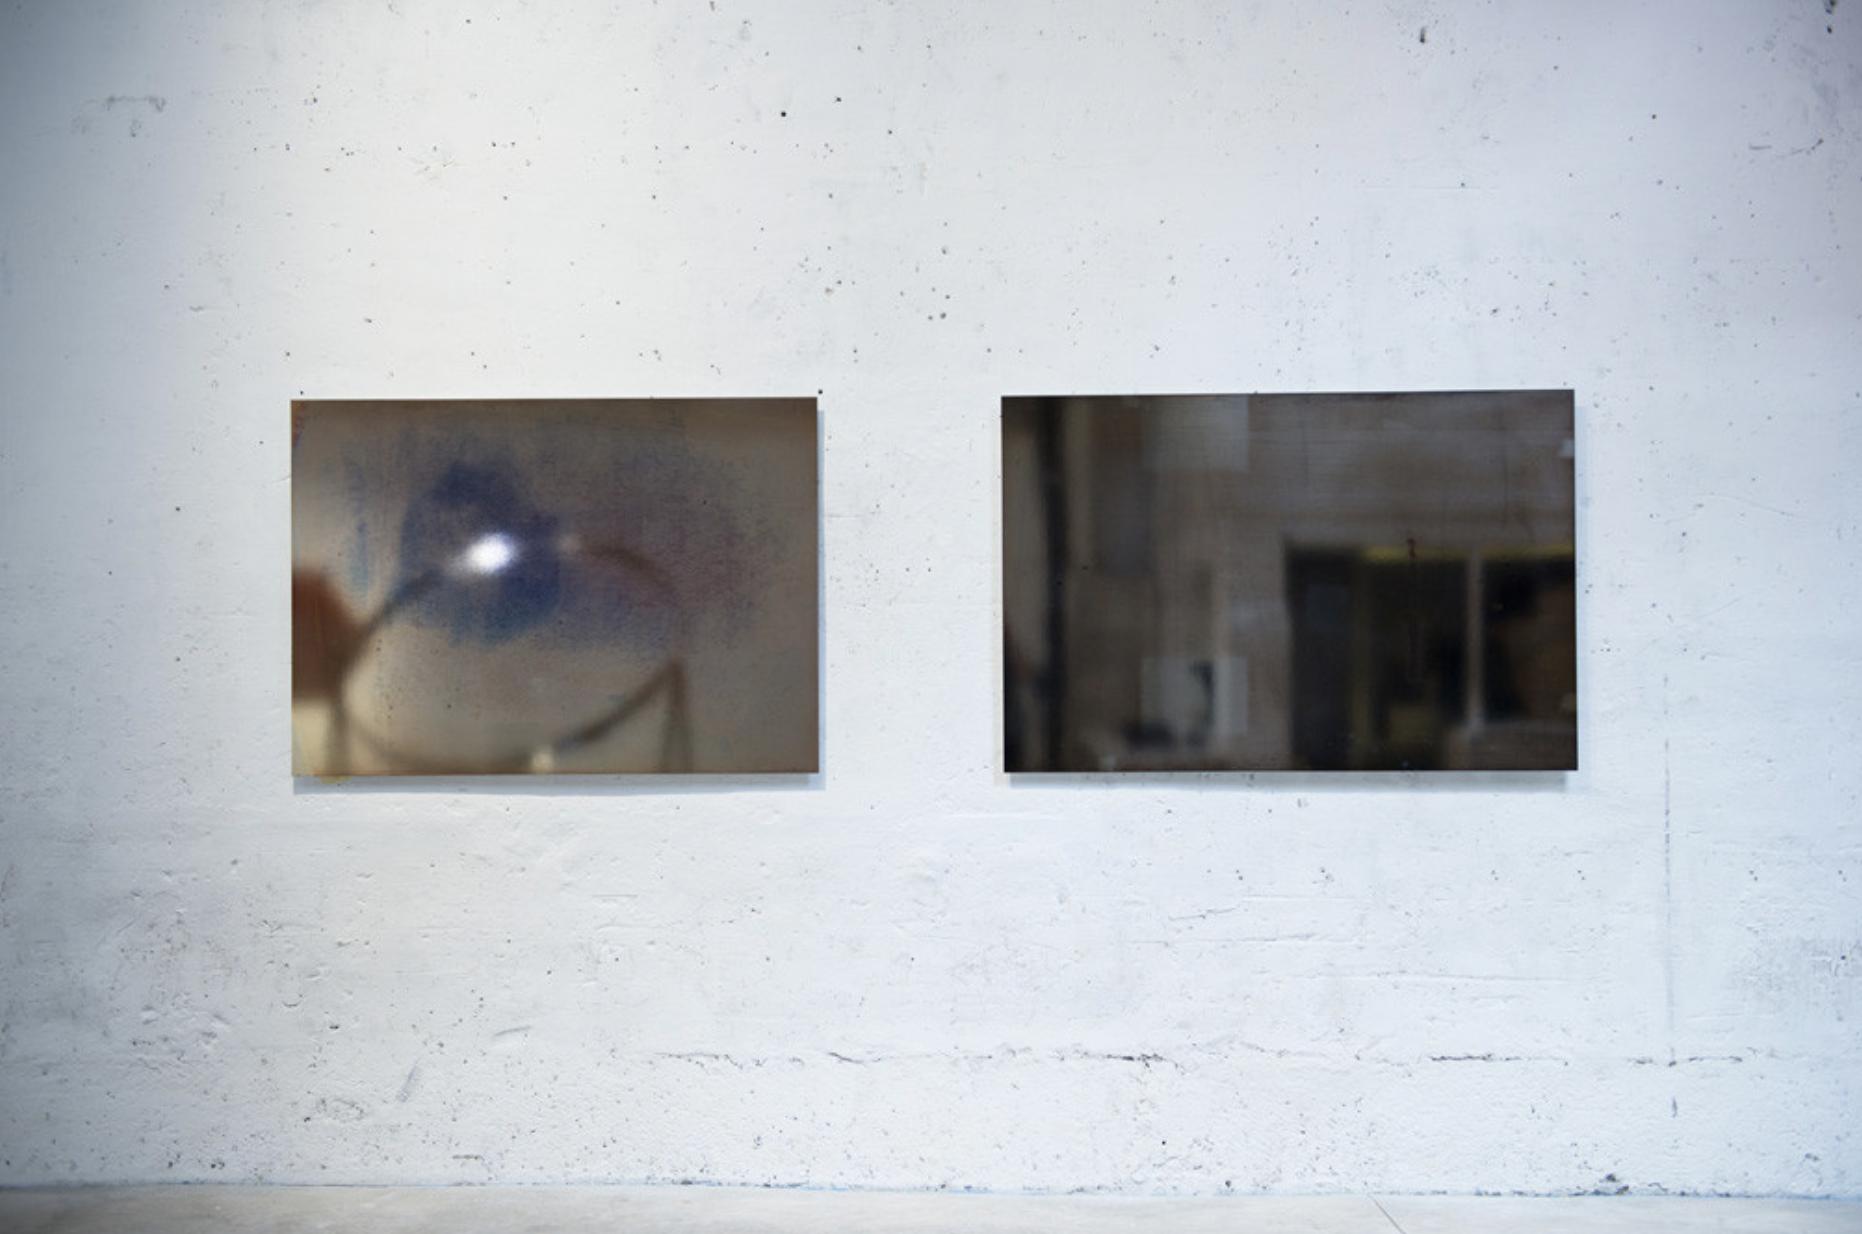 Liz Deschennes, « Right / Left #5 », #4,  2009, Unique silver toned photogram, 101.6 x 137.2 cm. Courtesy de l'artiste, collection privée.